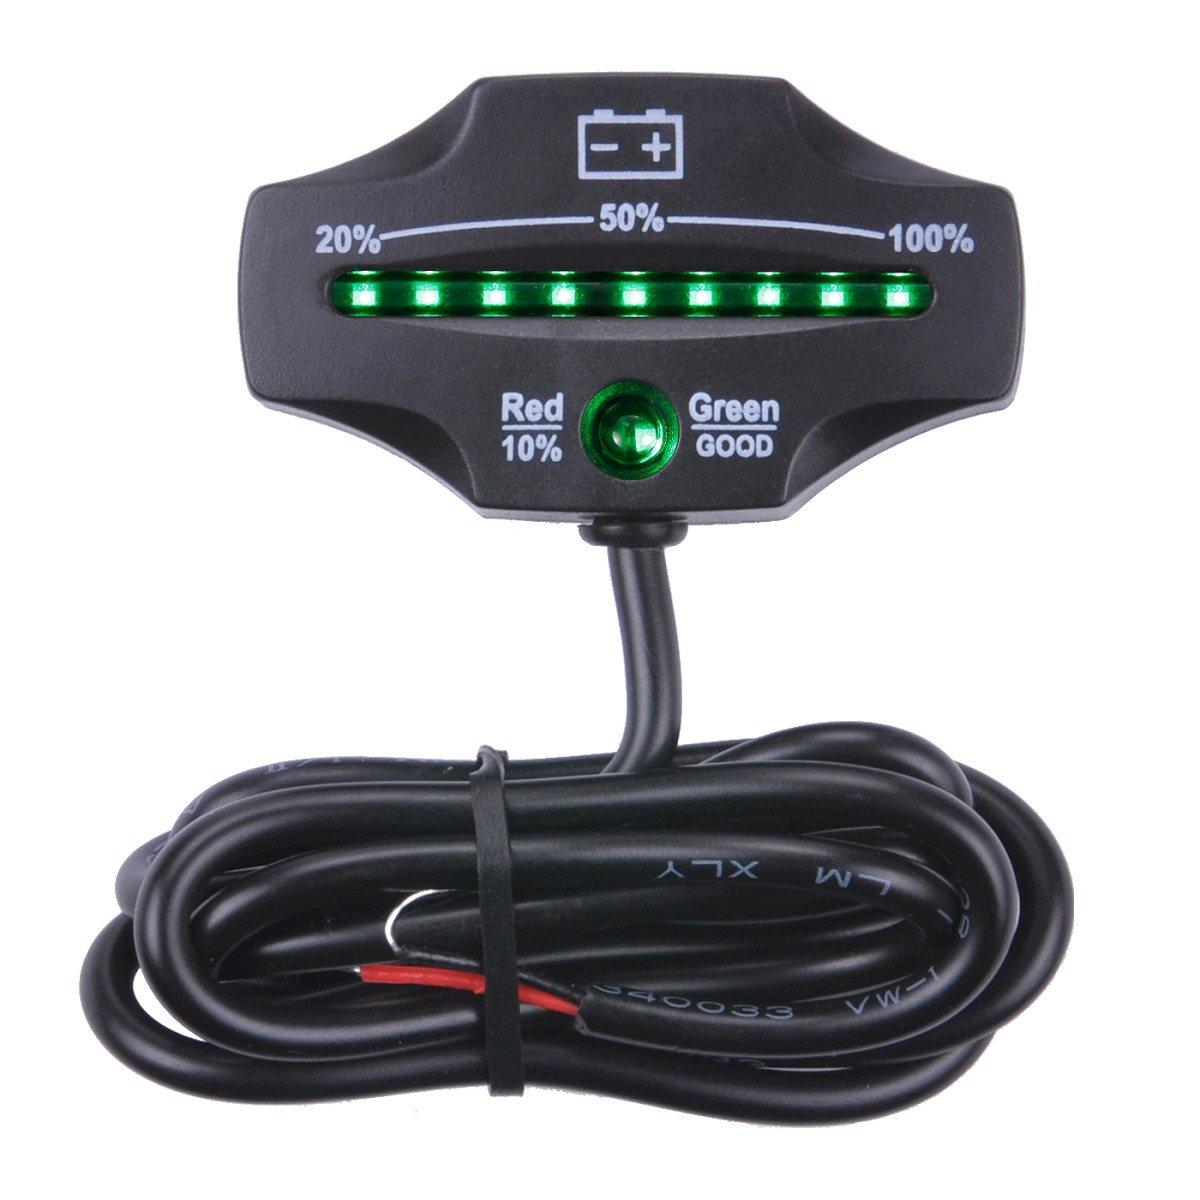 12V 24V Lead-acid LED Battery Indicator Gauge Meter for Motorcycle Golf Carts Car Marine ATV